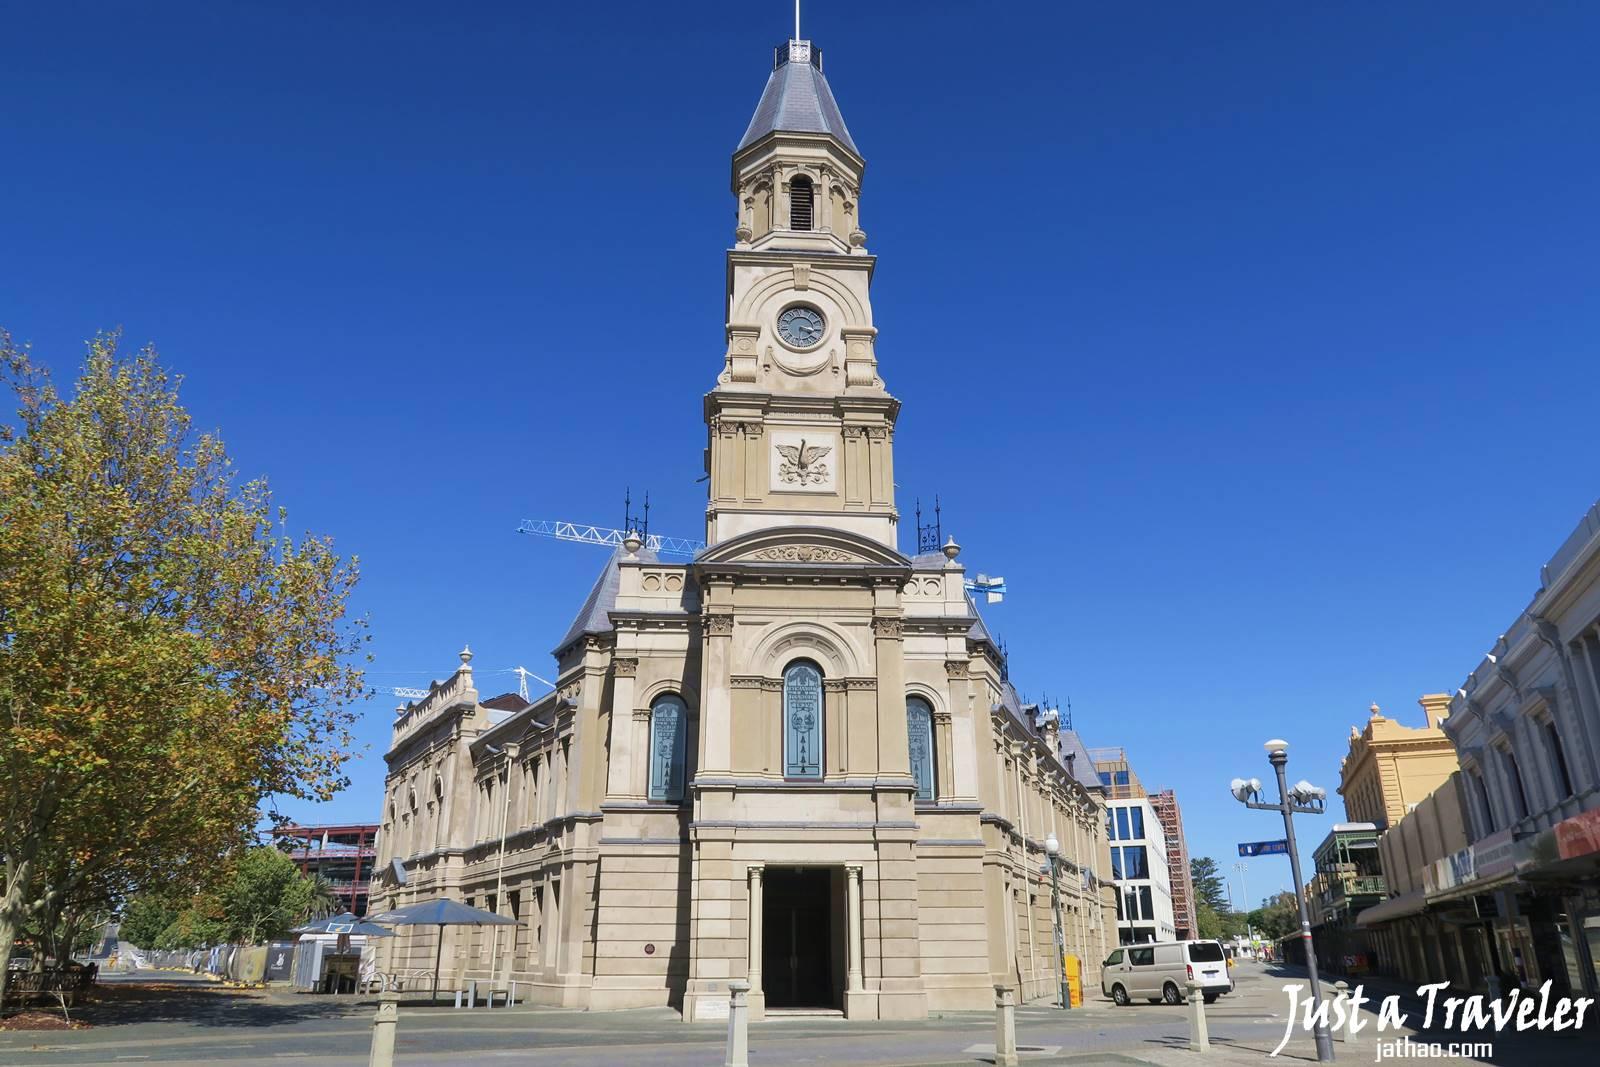 澳洲-伯斯-景點-推薦-費里曼圖-市政廳-Fremantle-必玩-必去-自由行-行程-攻略-旅遊-一日遊-二日遊-Perth-Travel-Tourist-Attraction